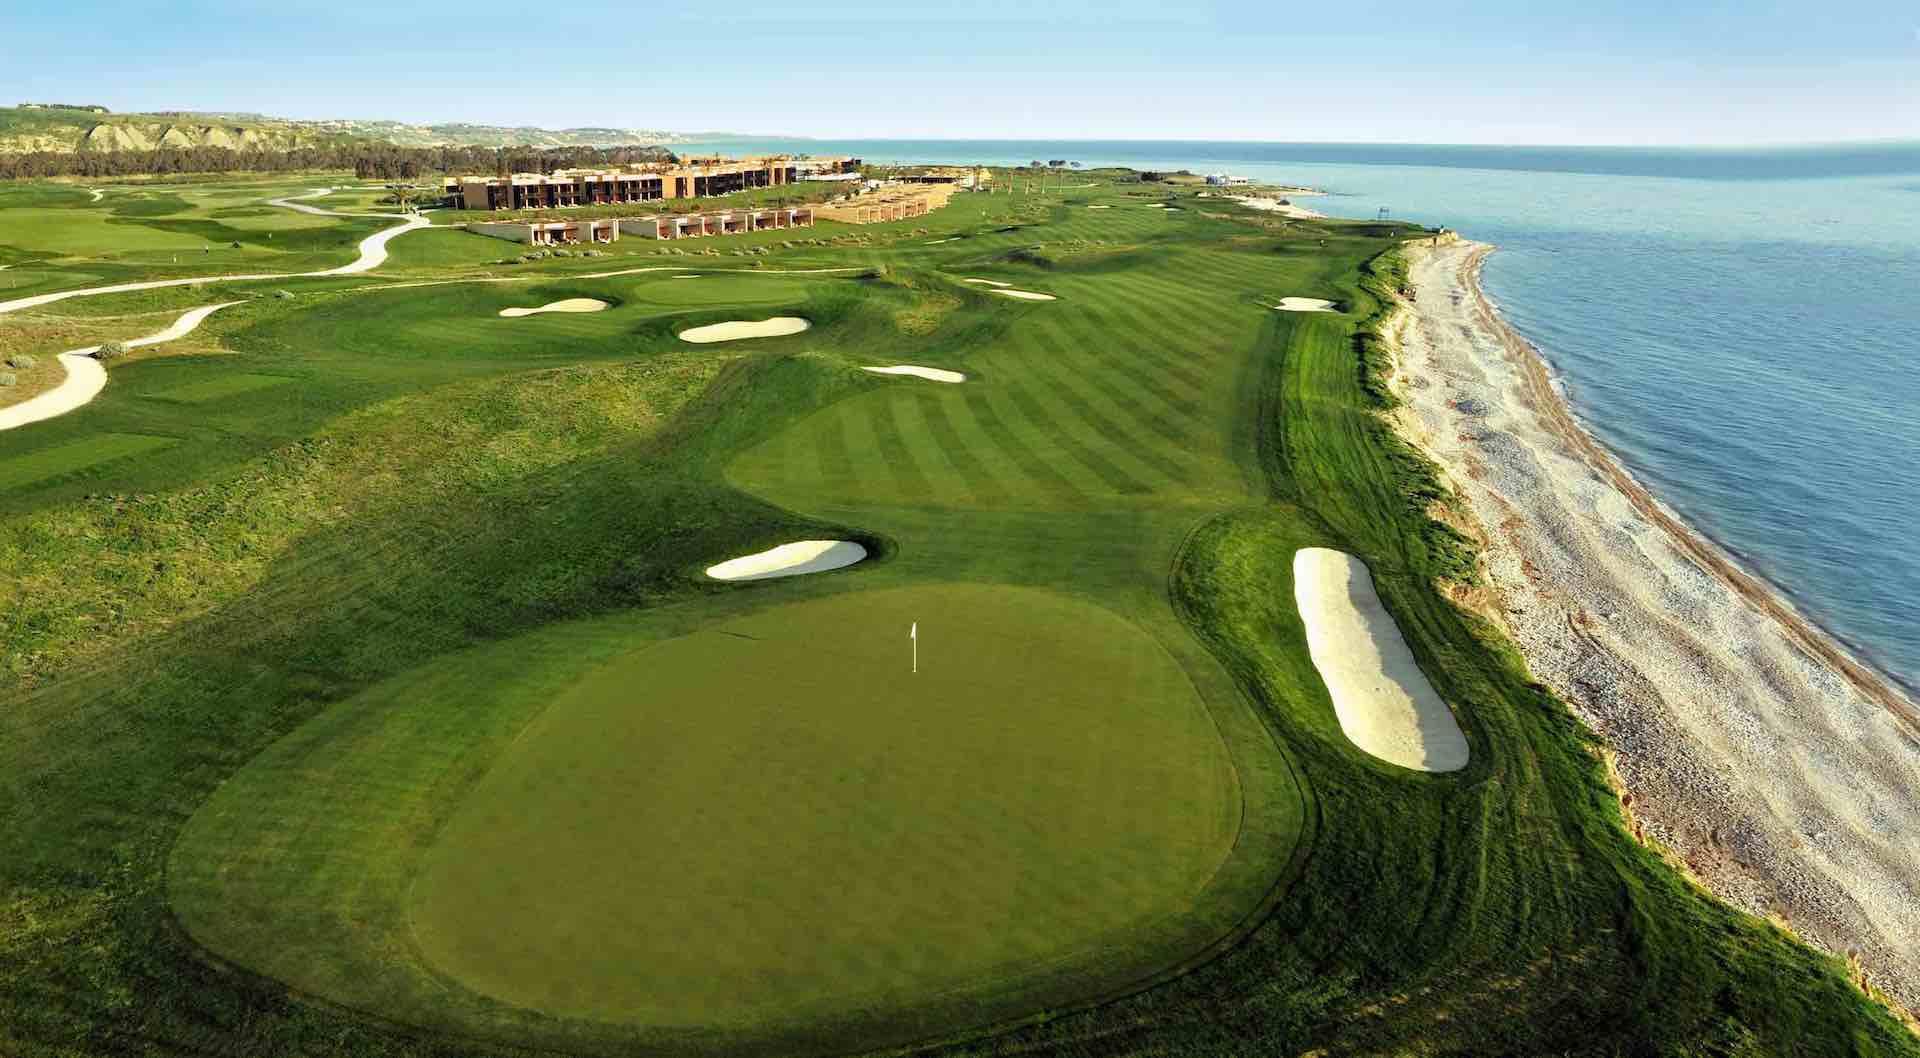 Verdura Resort to host new Tour event